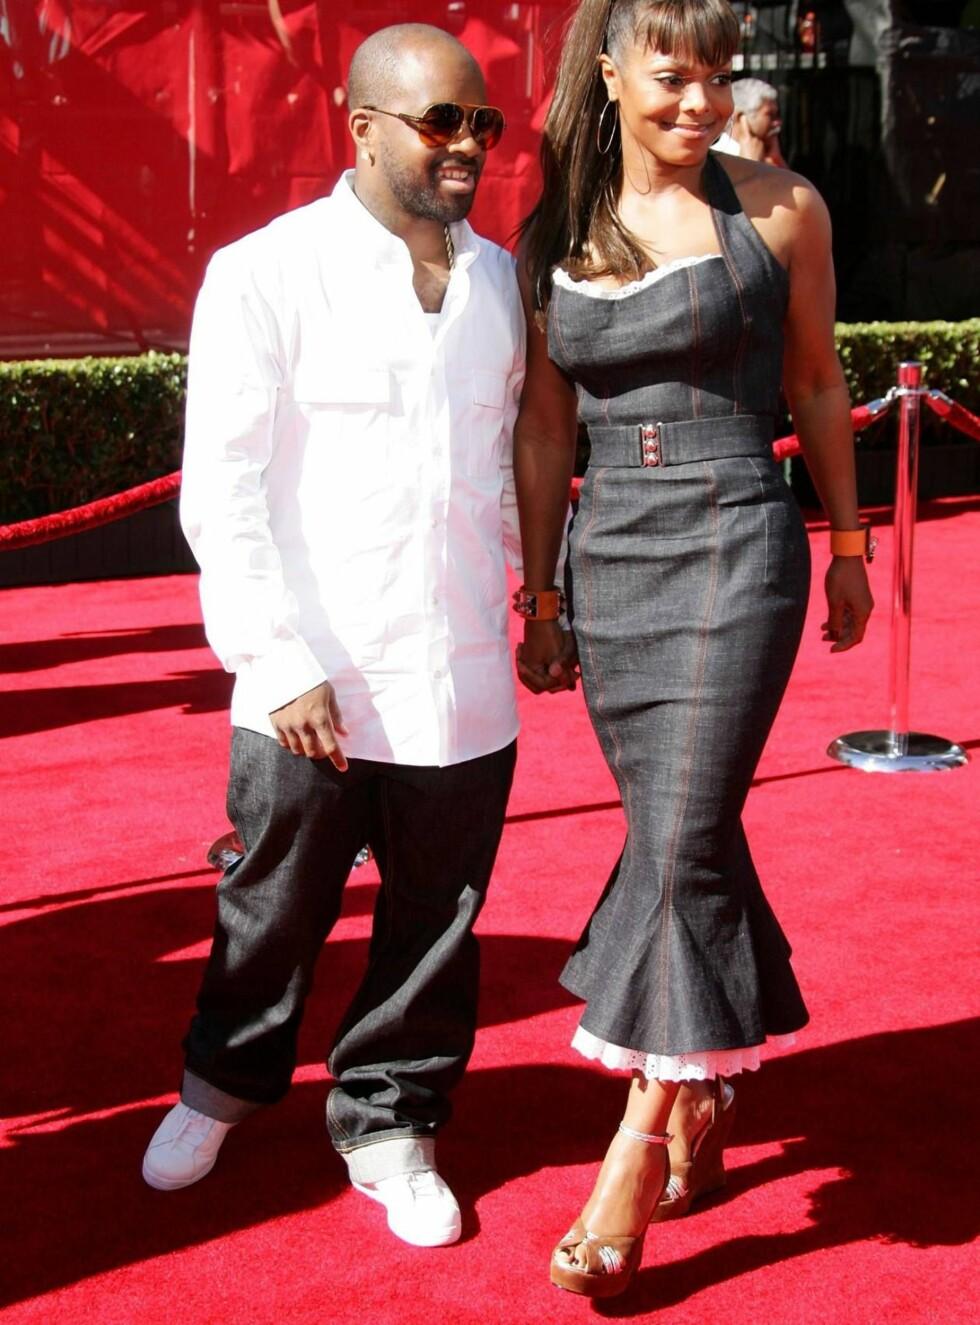 STØTTER KONA: Produsent-kjæresten Jermaine Dupri støtter Janet i forsøket på å slå igjennom på lerretet. Foto: All Over Press